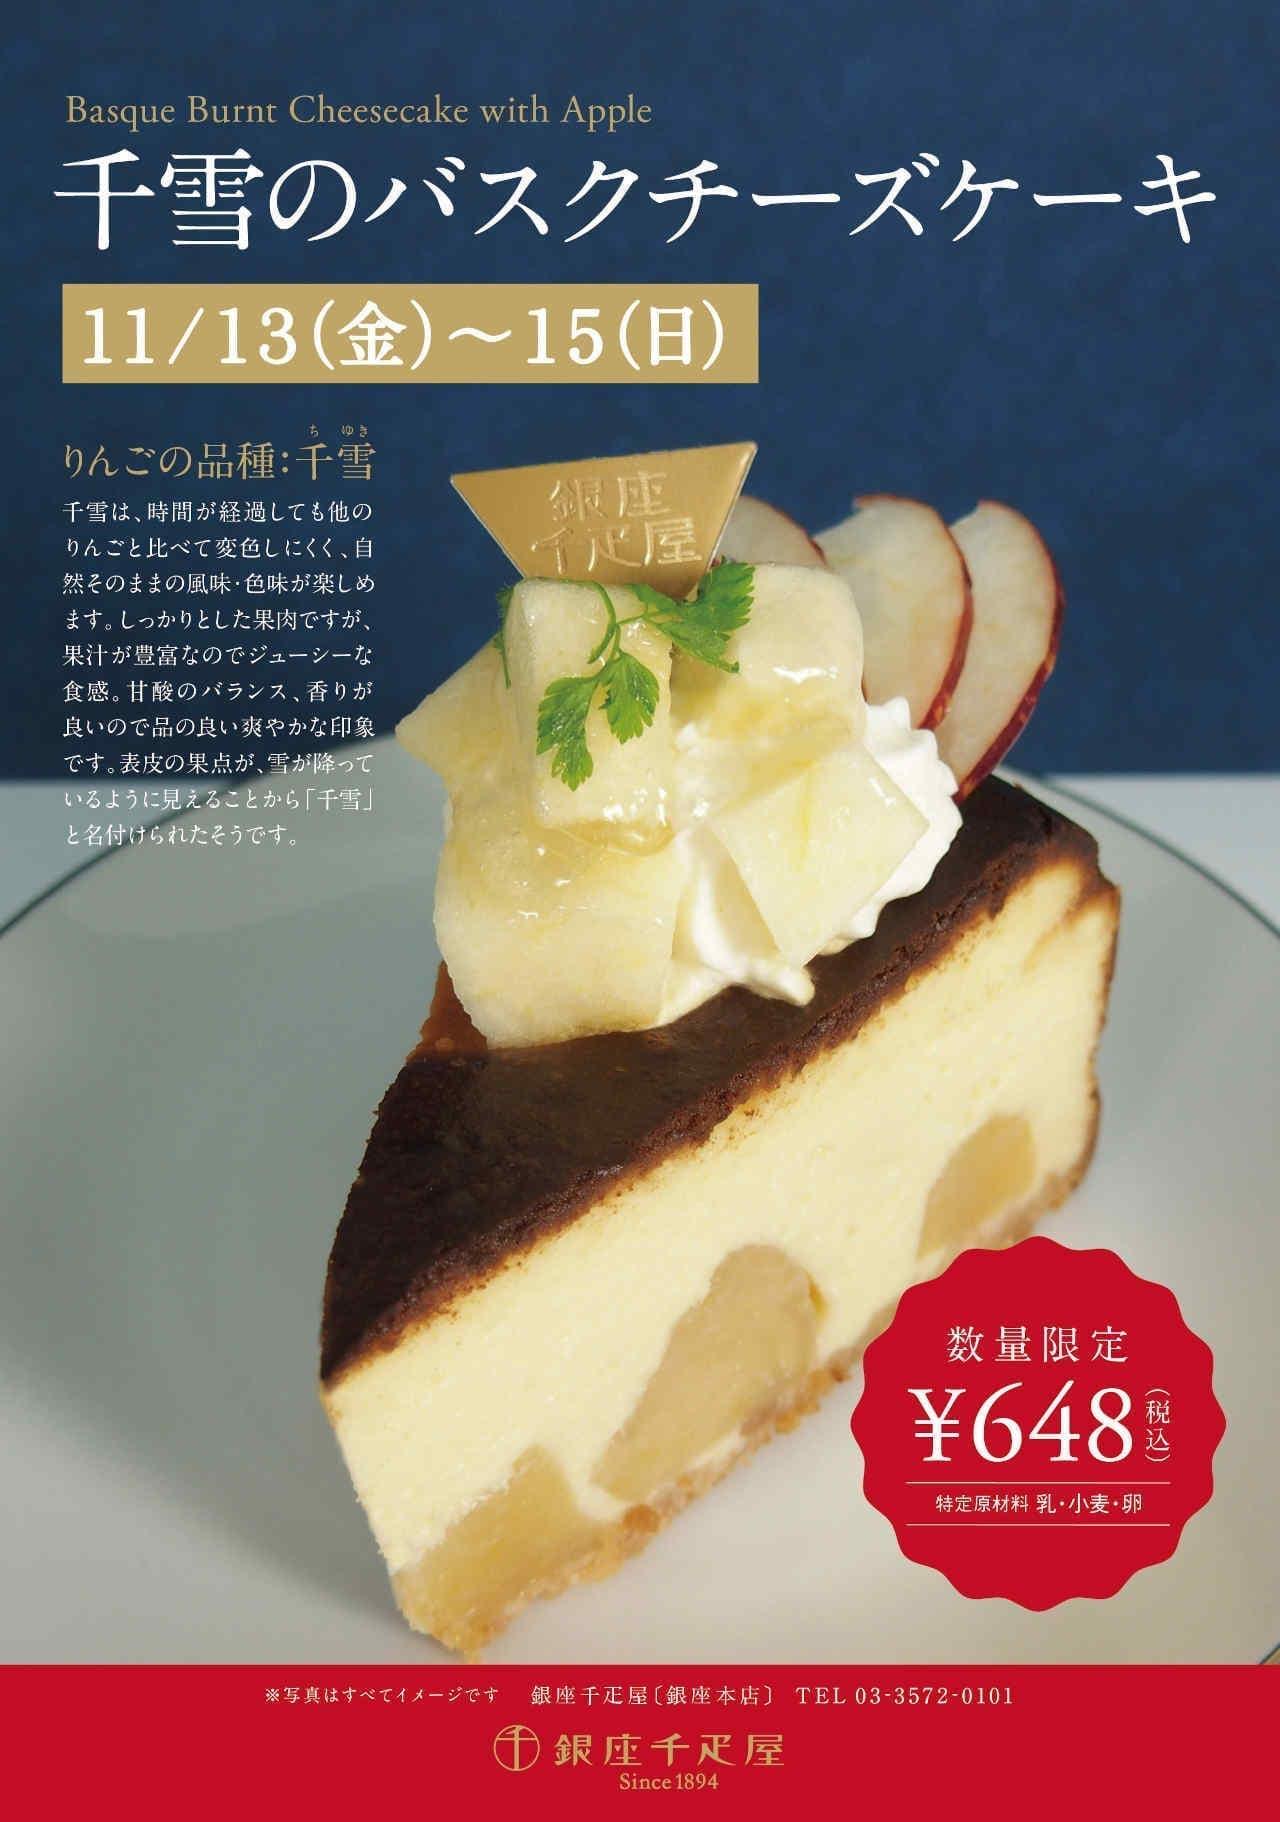 銀座千疋屋「千雪のバスクチーズケーキ」